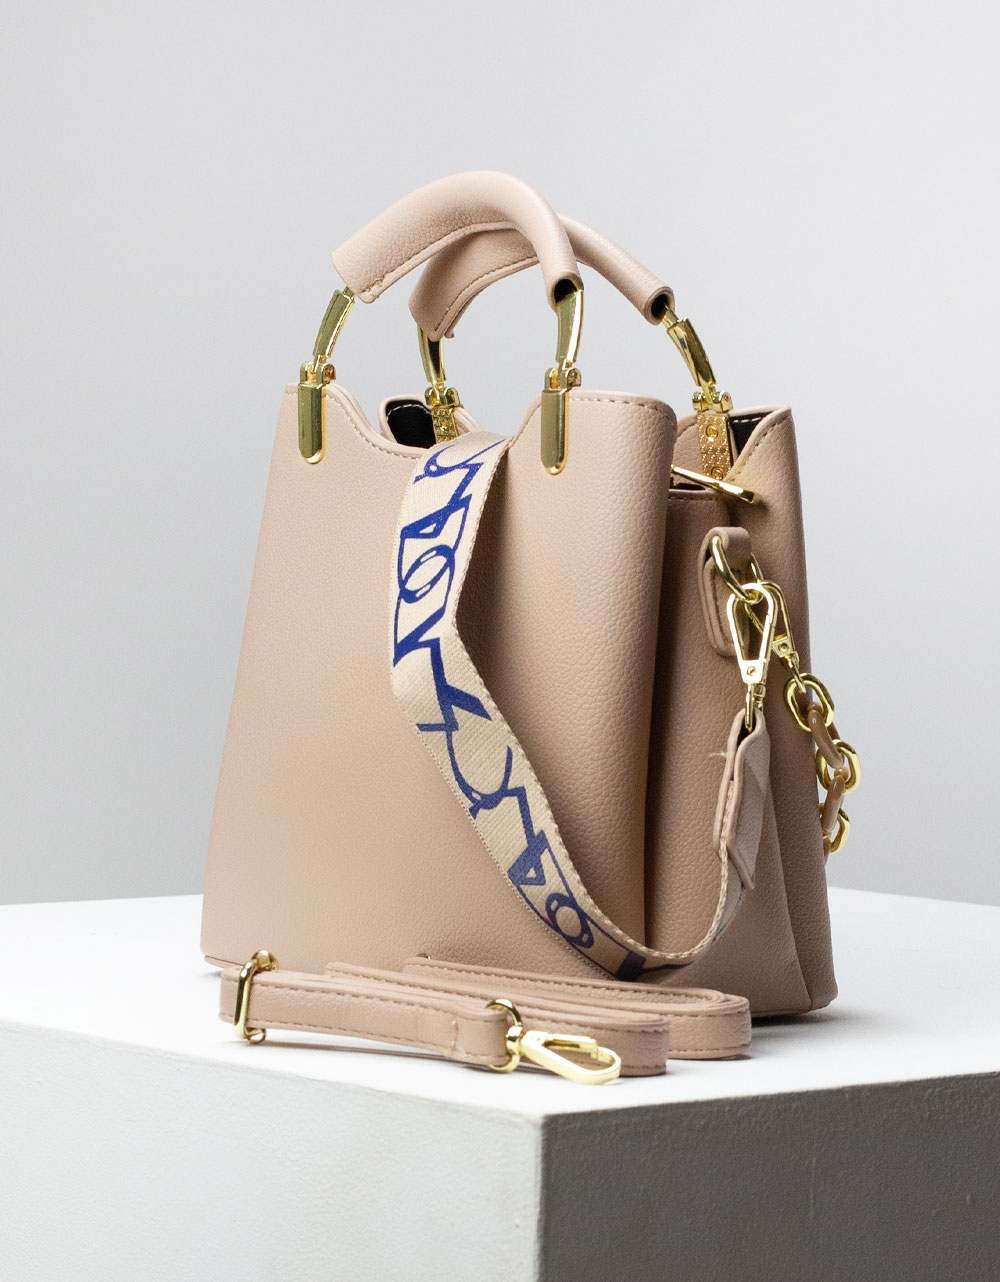 Εικόνα από Γυναικεία τσάντα ώμου & χιαστί με μεταλλική χειρολάβη Μπεζ